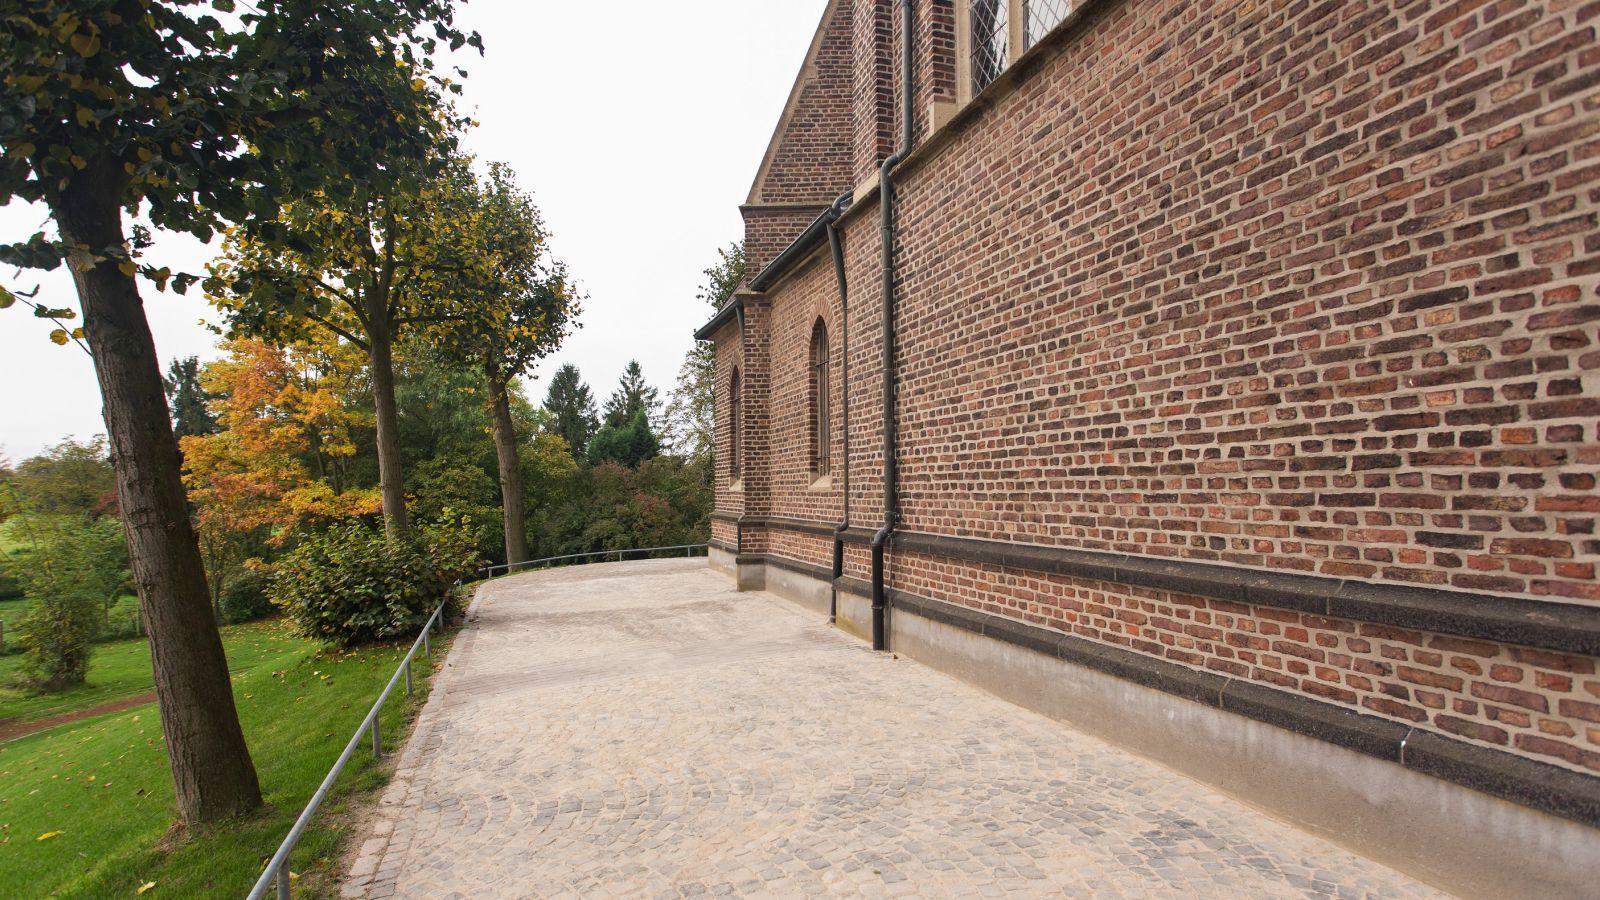 4.202 Fachliche Meisterleistung - Pflasterarbeiten St. Peter und Paul in Werth